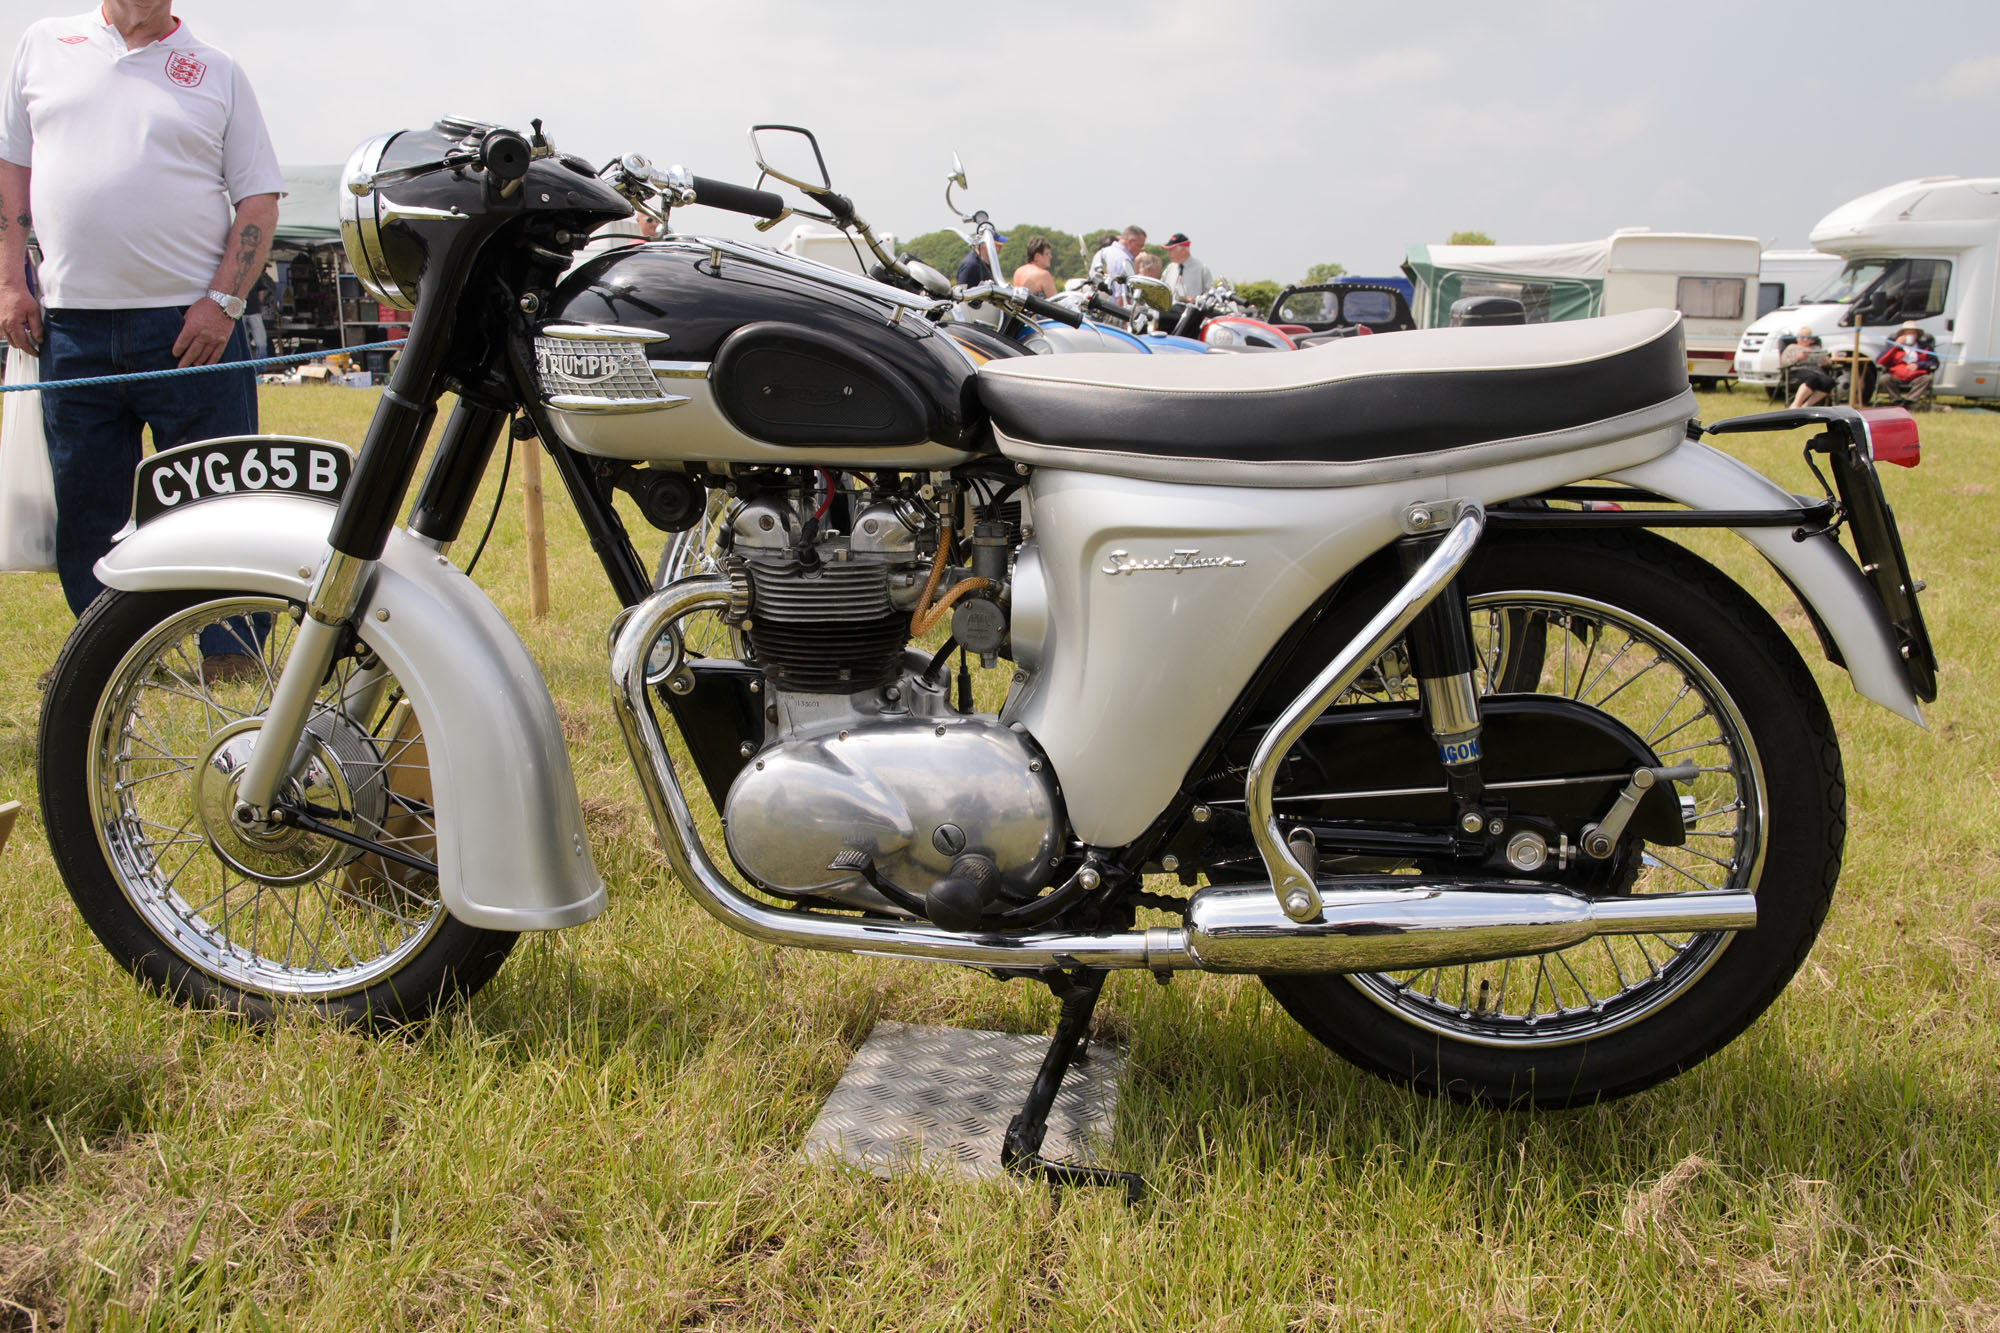 Triumph_5TA_Speed_Twin_(1964)_-_26898601